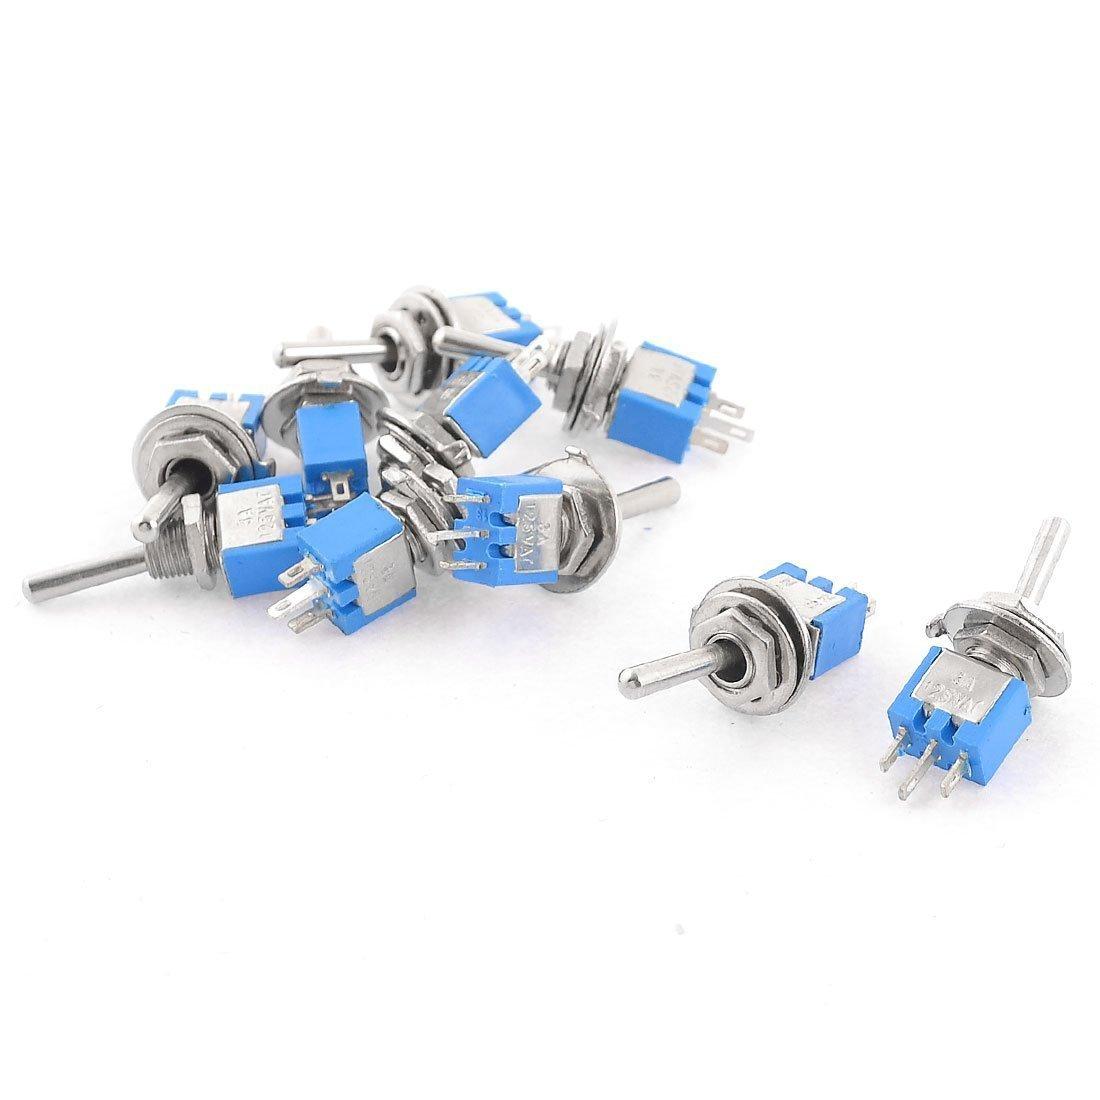 Podoy 10PCS SPDT On/On 2 Position Miniature Toggle Switch AC 125V/3A